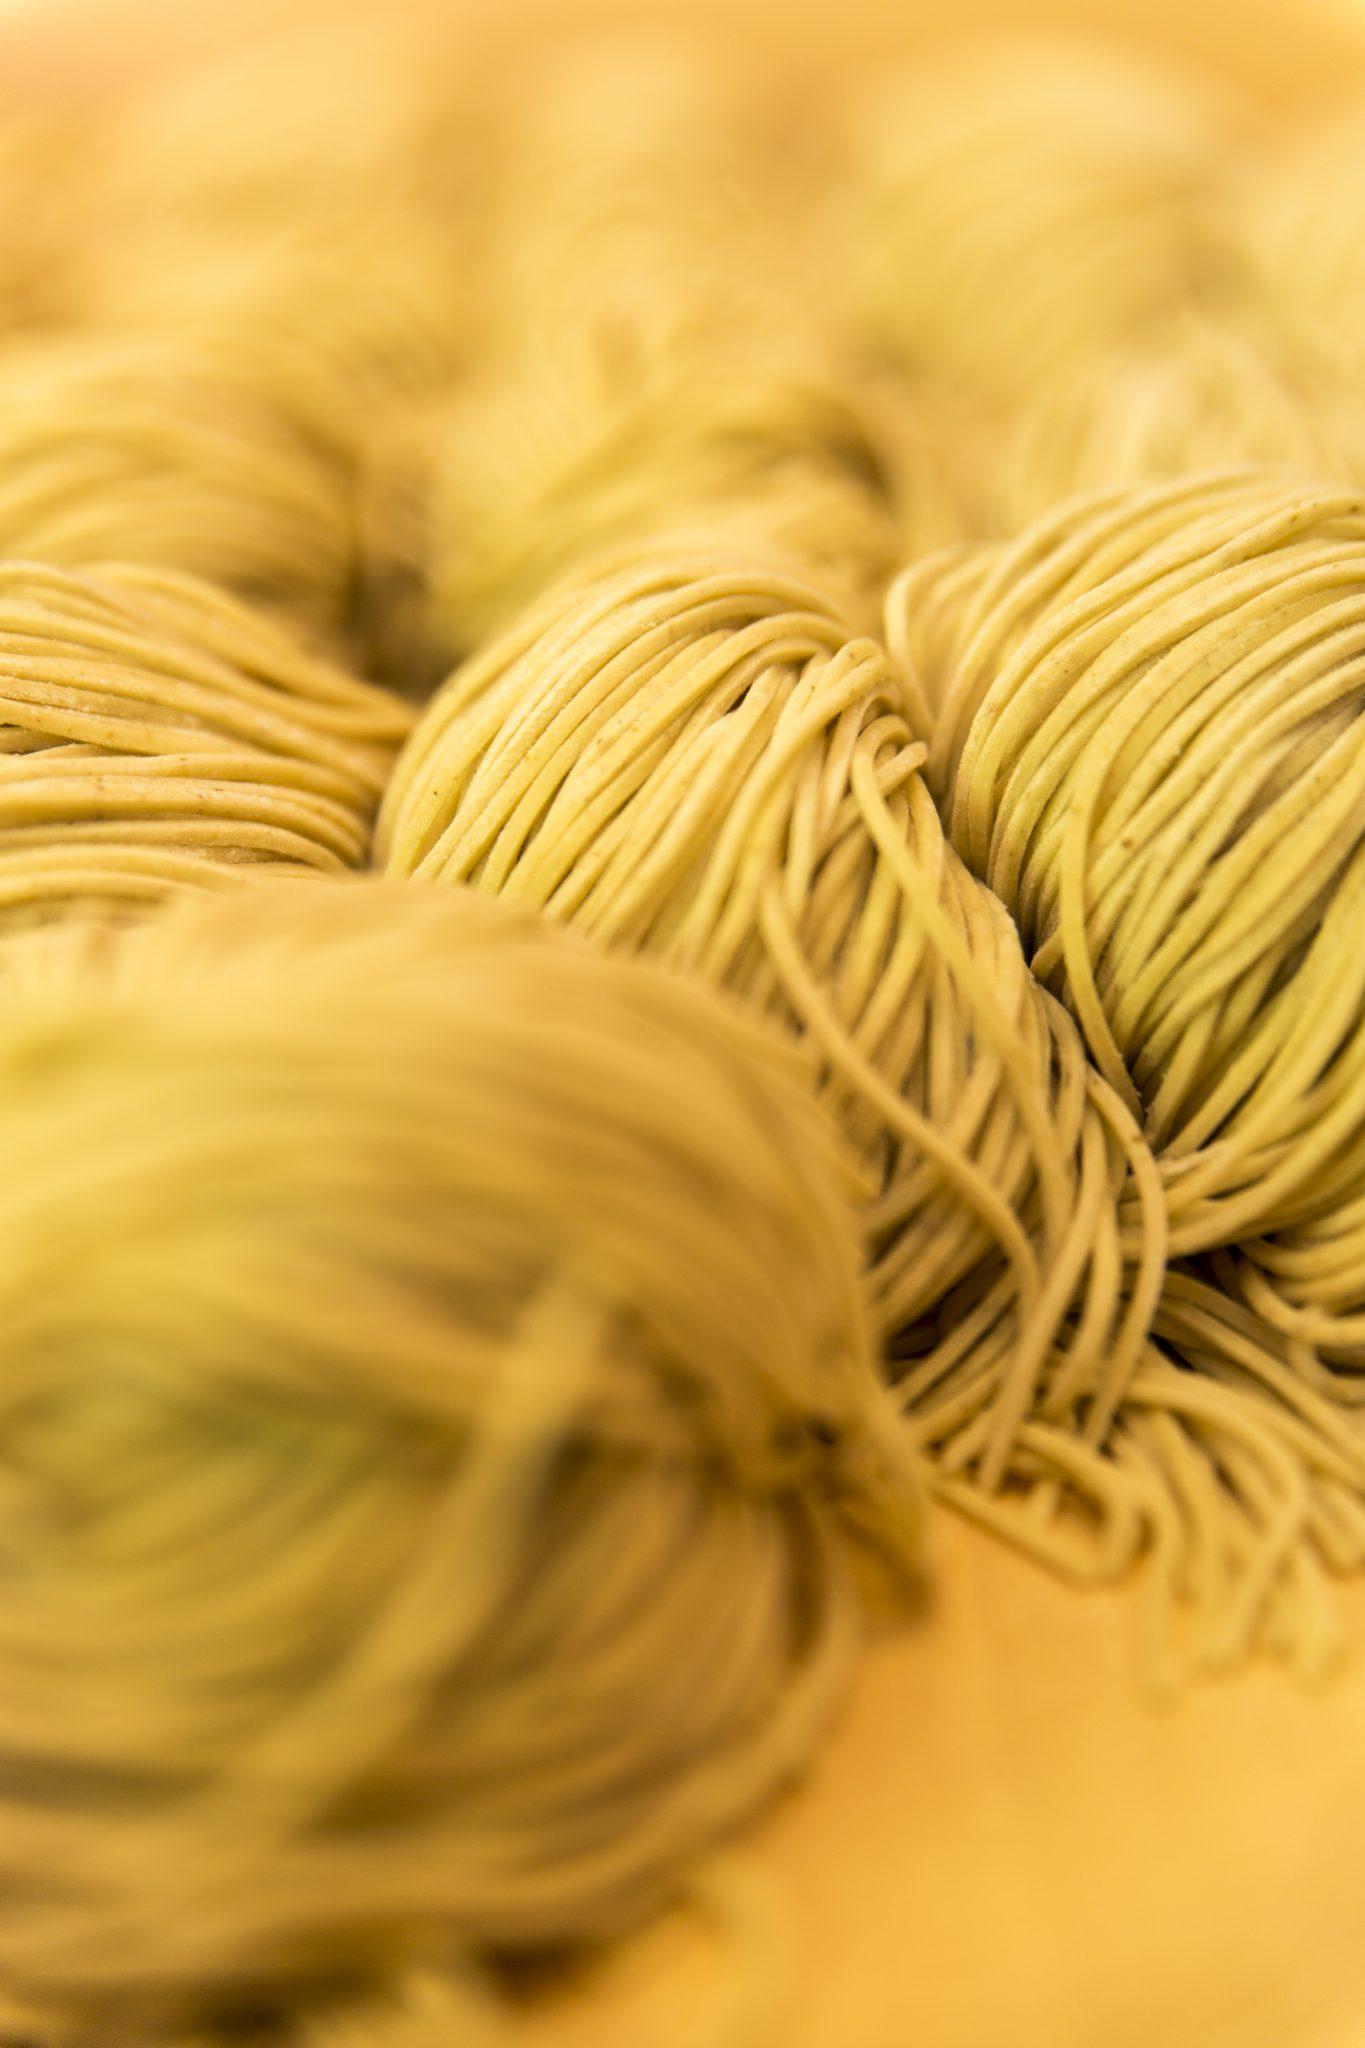 The noodles (Image credit: Slurp Ramen Joint)